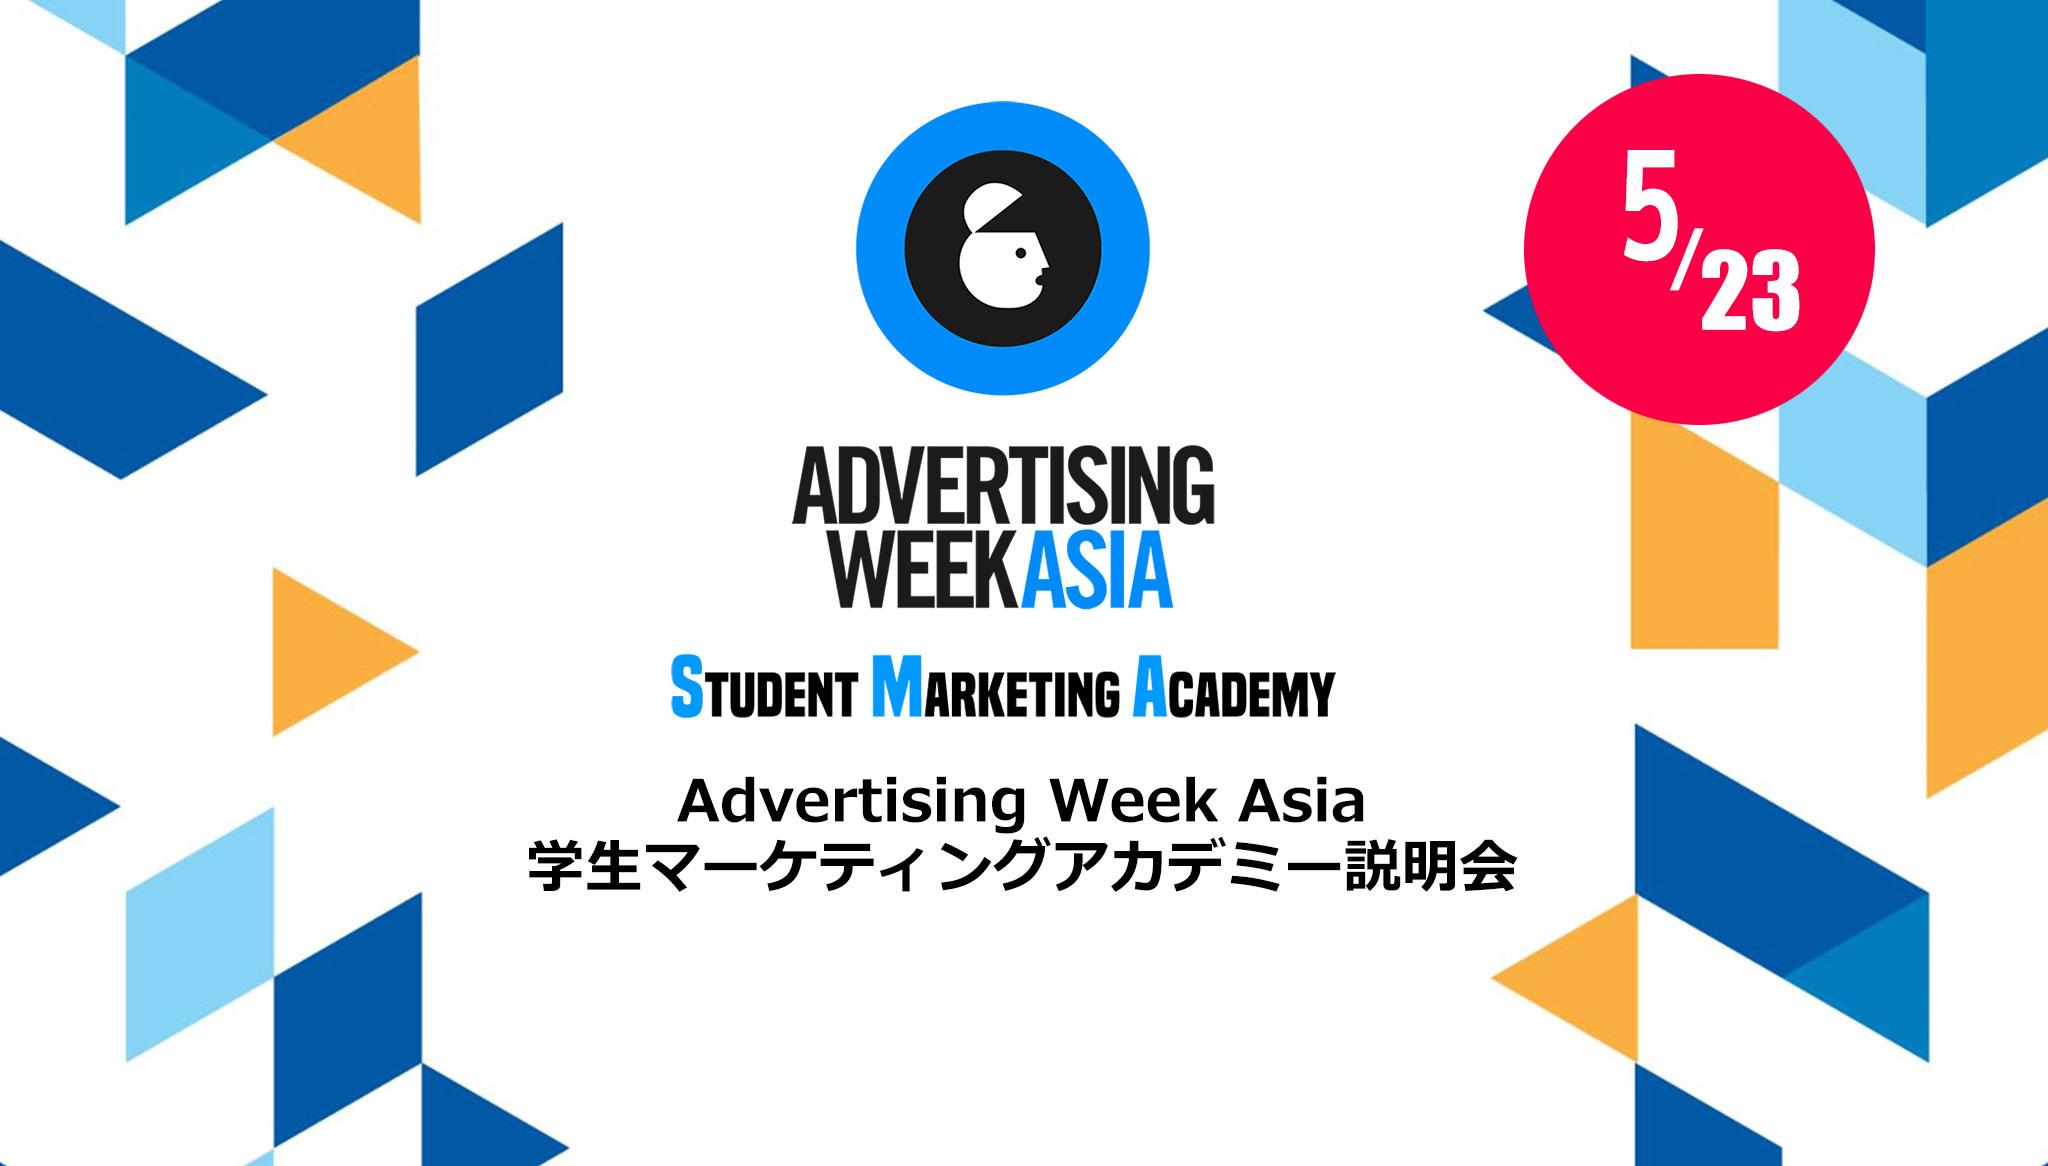 【5/23開催/特典あり!】AWAsia学生マーケティングアカデミー説明会